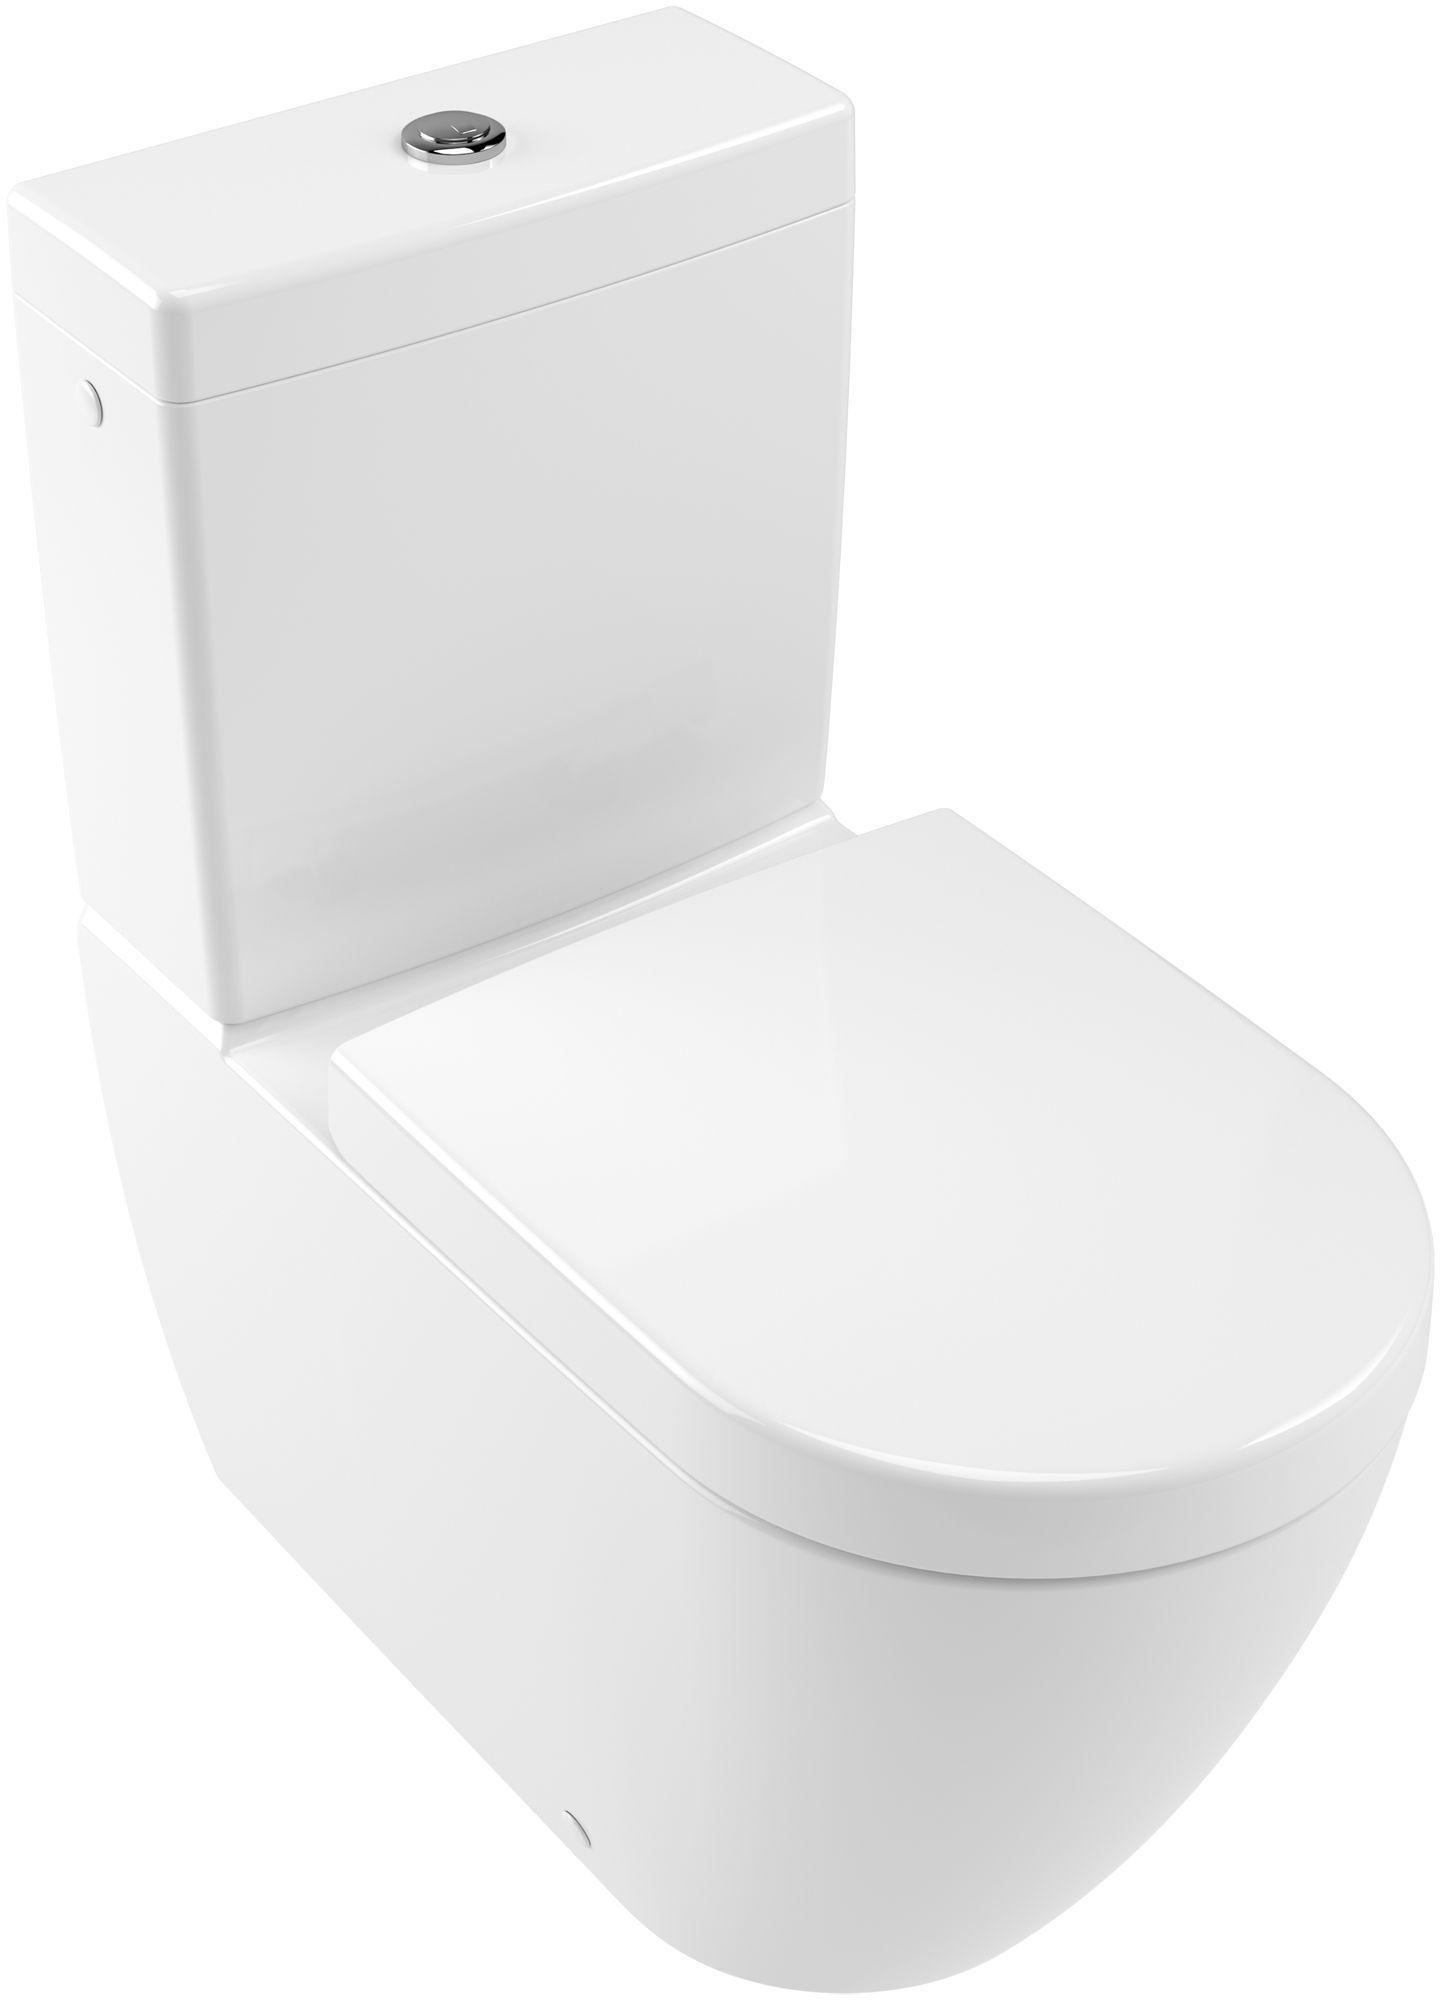 Villeroy & Boch Subway 2.0 Spülkasten für WC-Kombination spülrandlos weiß mit CeramicPlus 570611R1